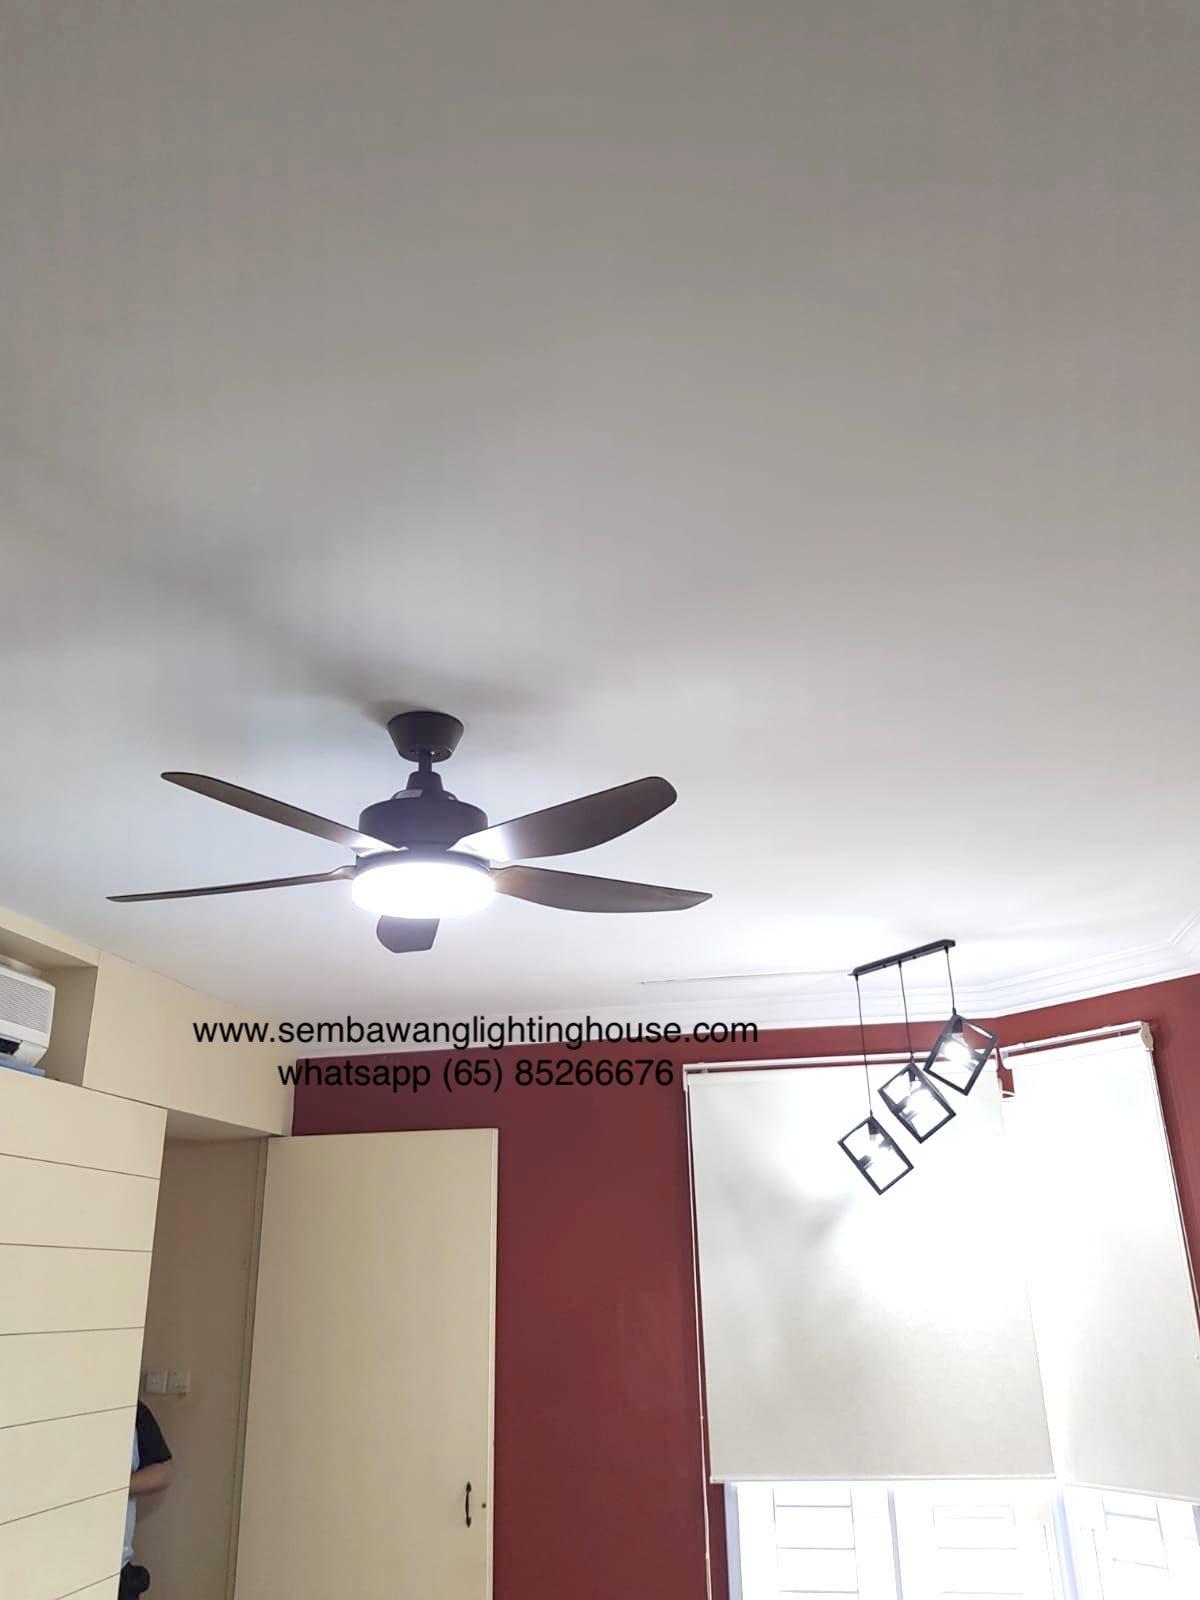 crestar-airis-5-blade-black-led-ceiling-fan-sample-sembawang-lighting-house-07.jpg